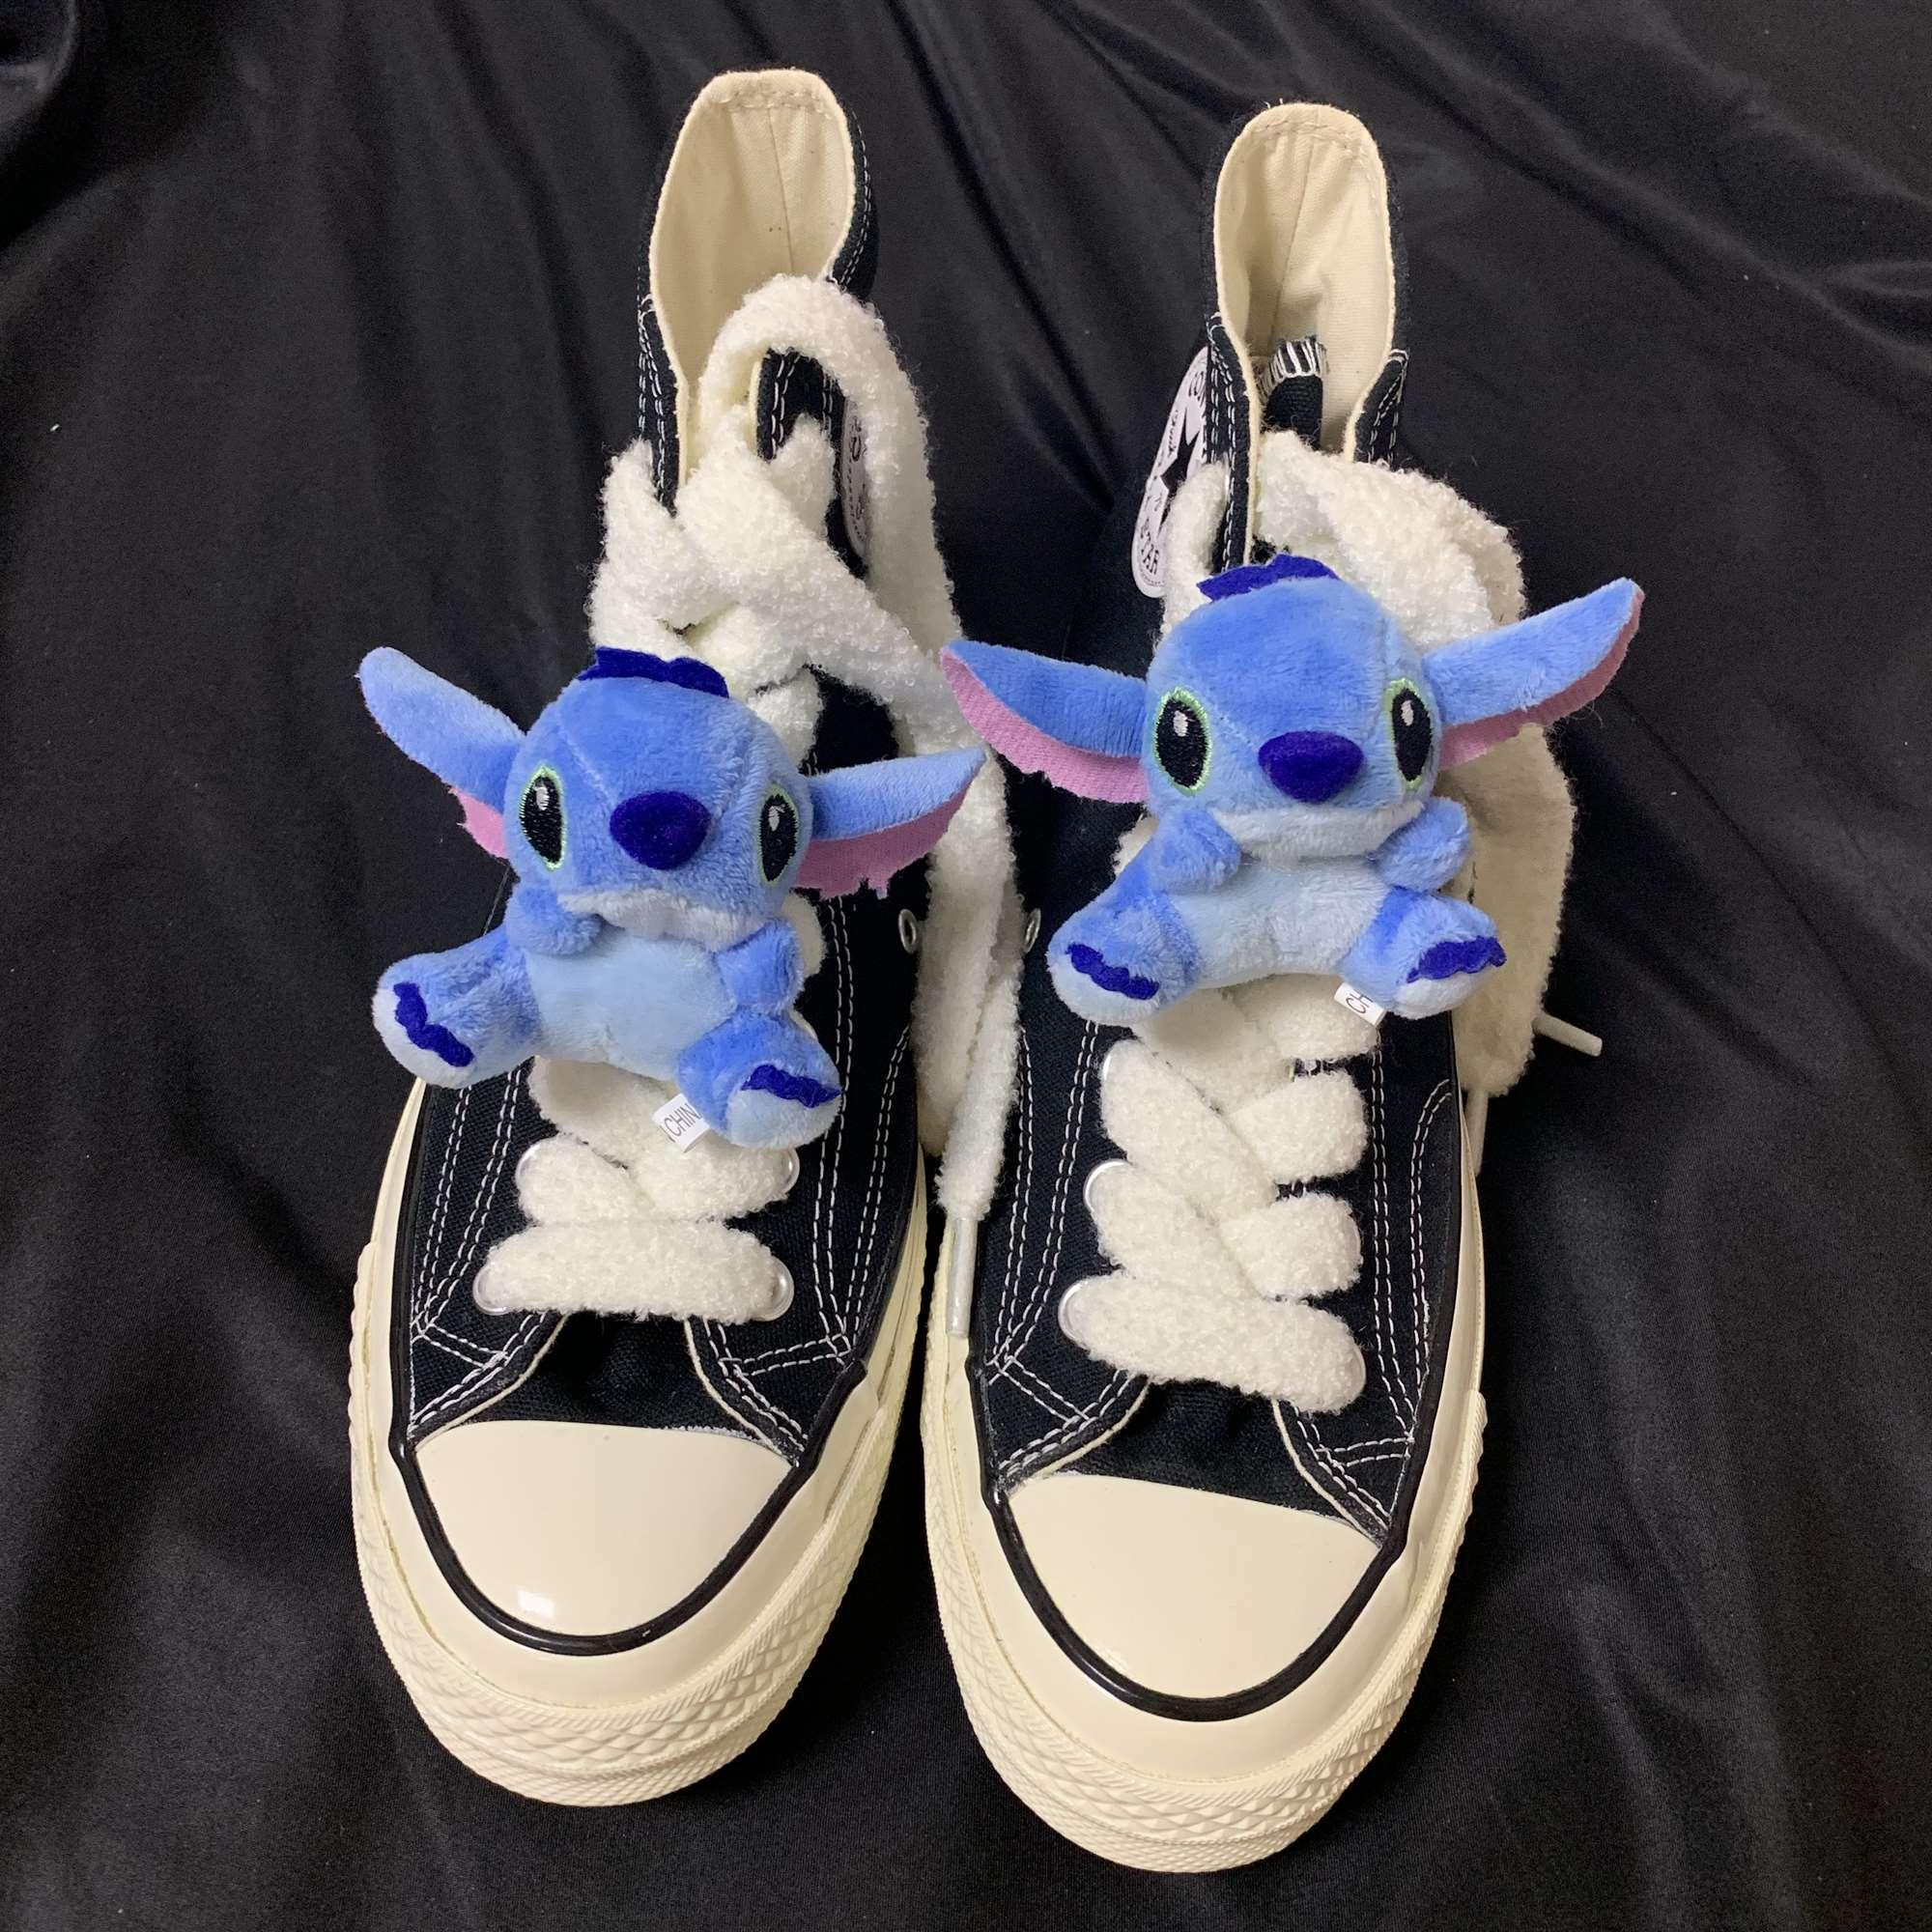 鞋带扣玩偶装饰可爱卡扣卡通帆布鞋扣花配件鞋子饰品鞋配件。